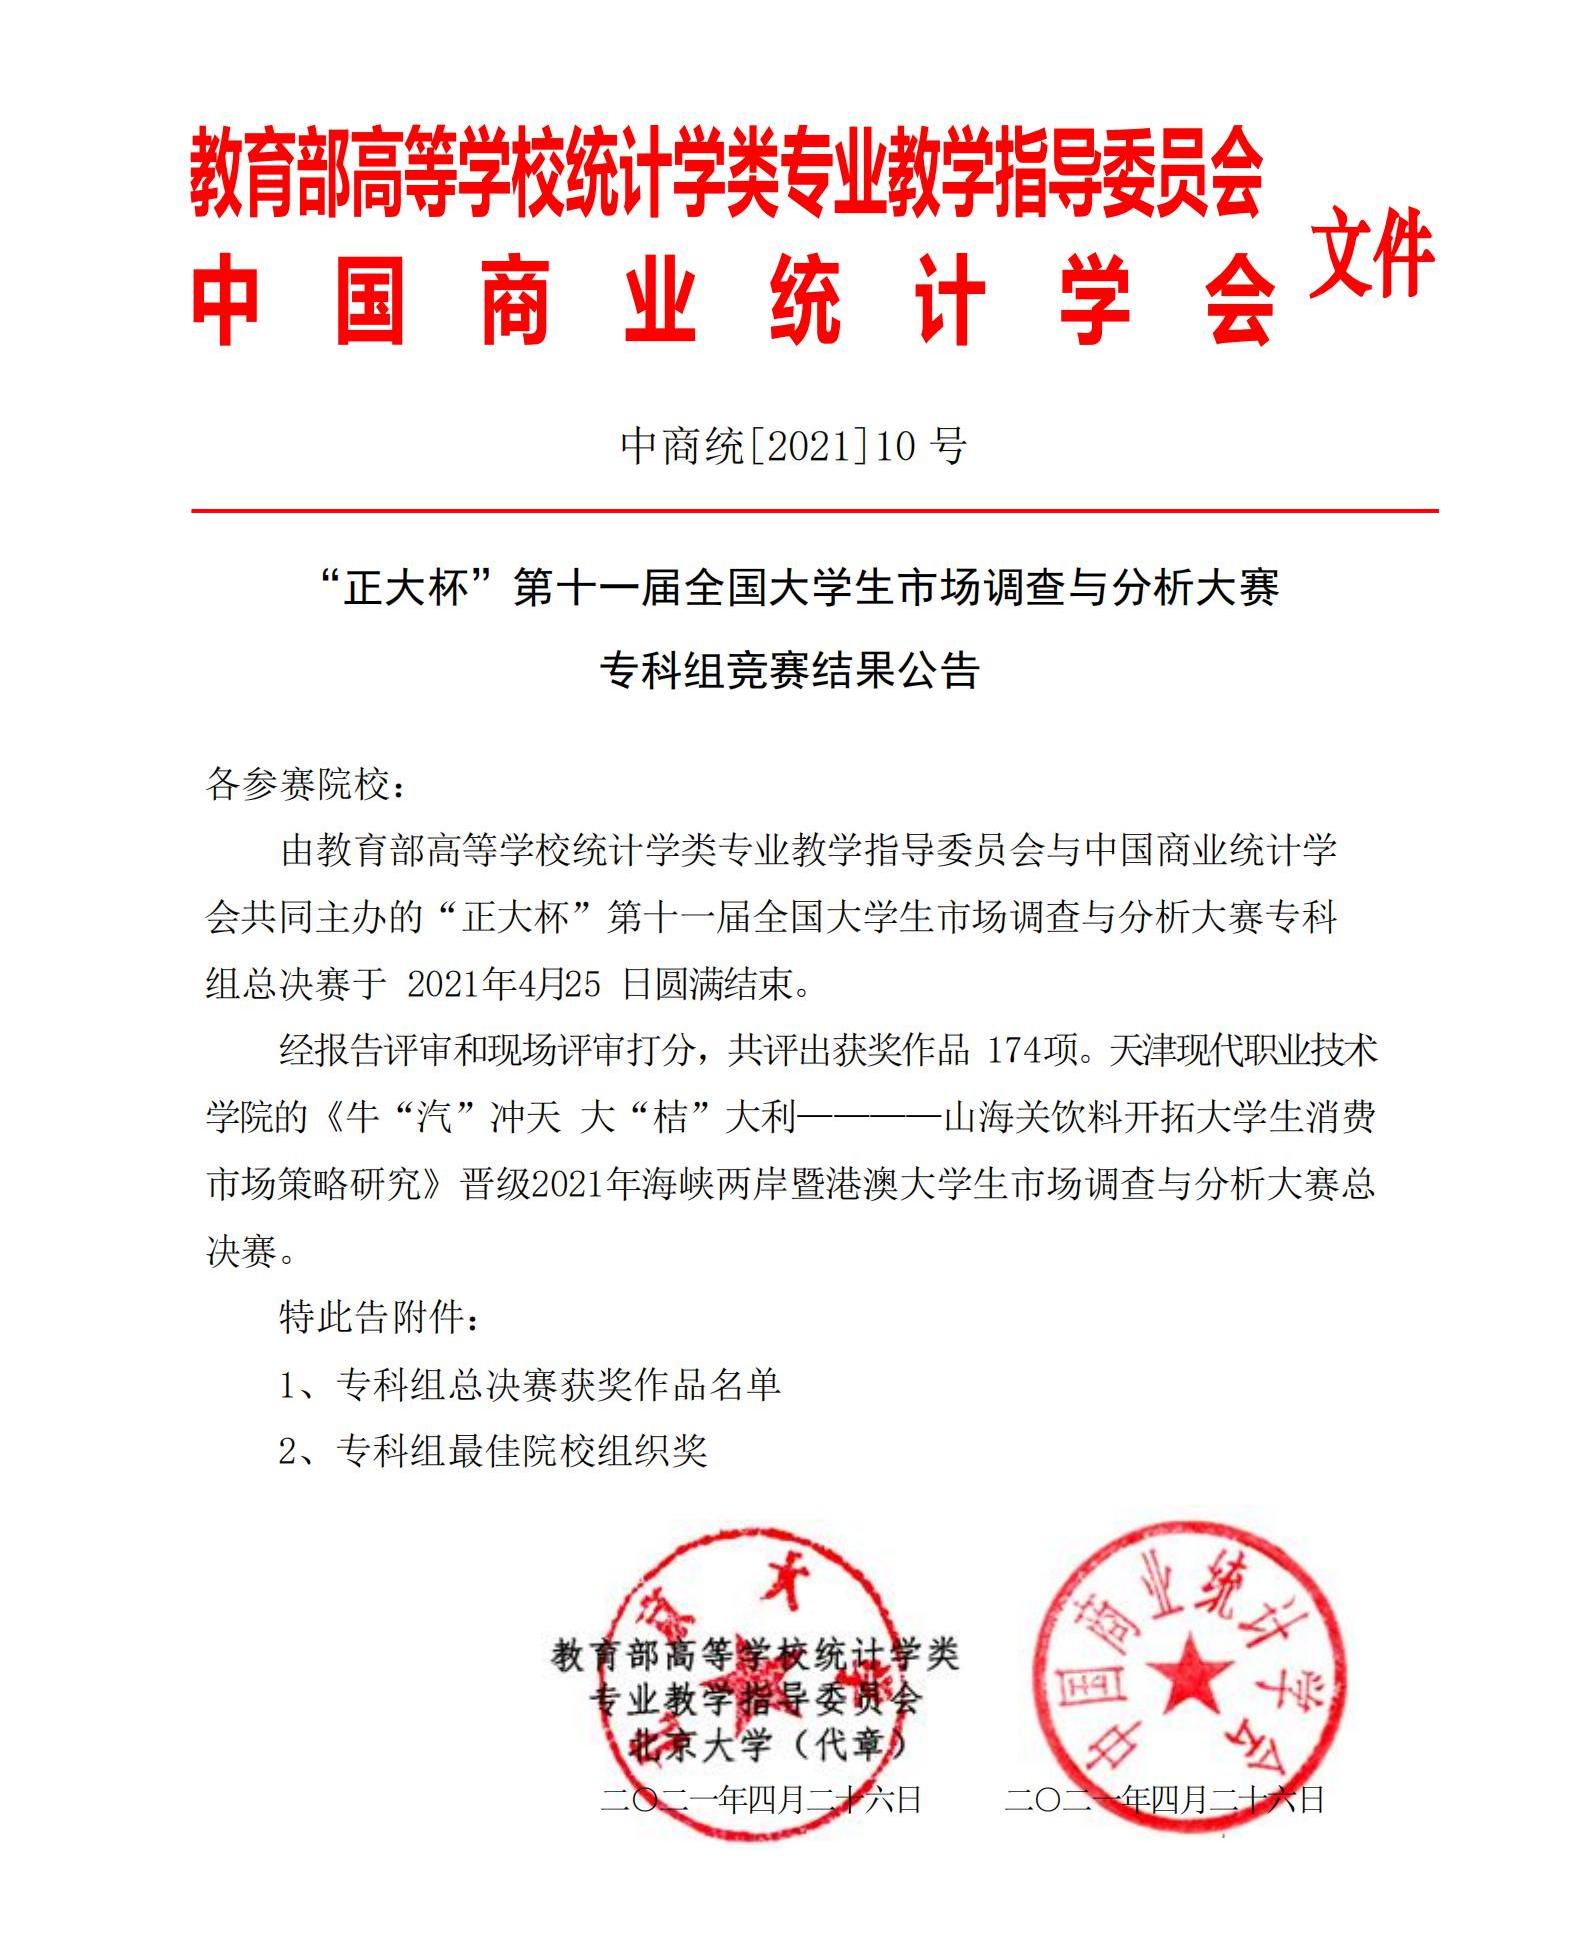 第11届市调大赛专科组竞赛结果公告(专科组)_00.png